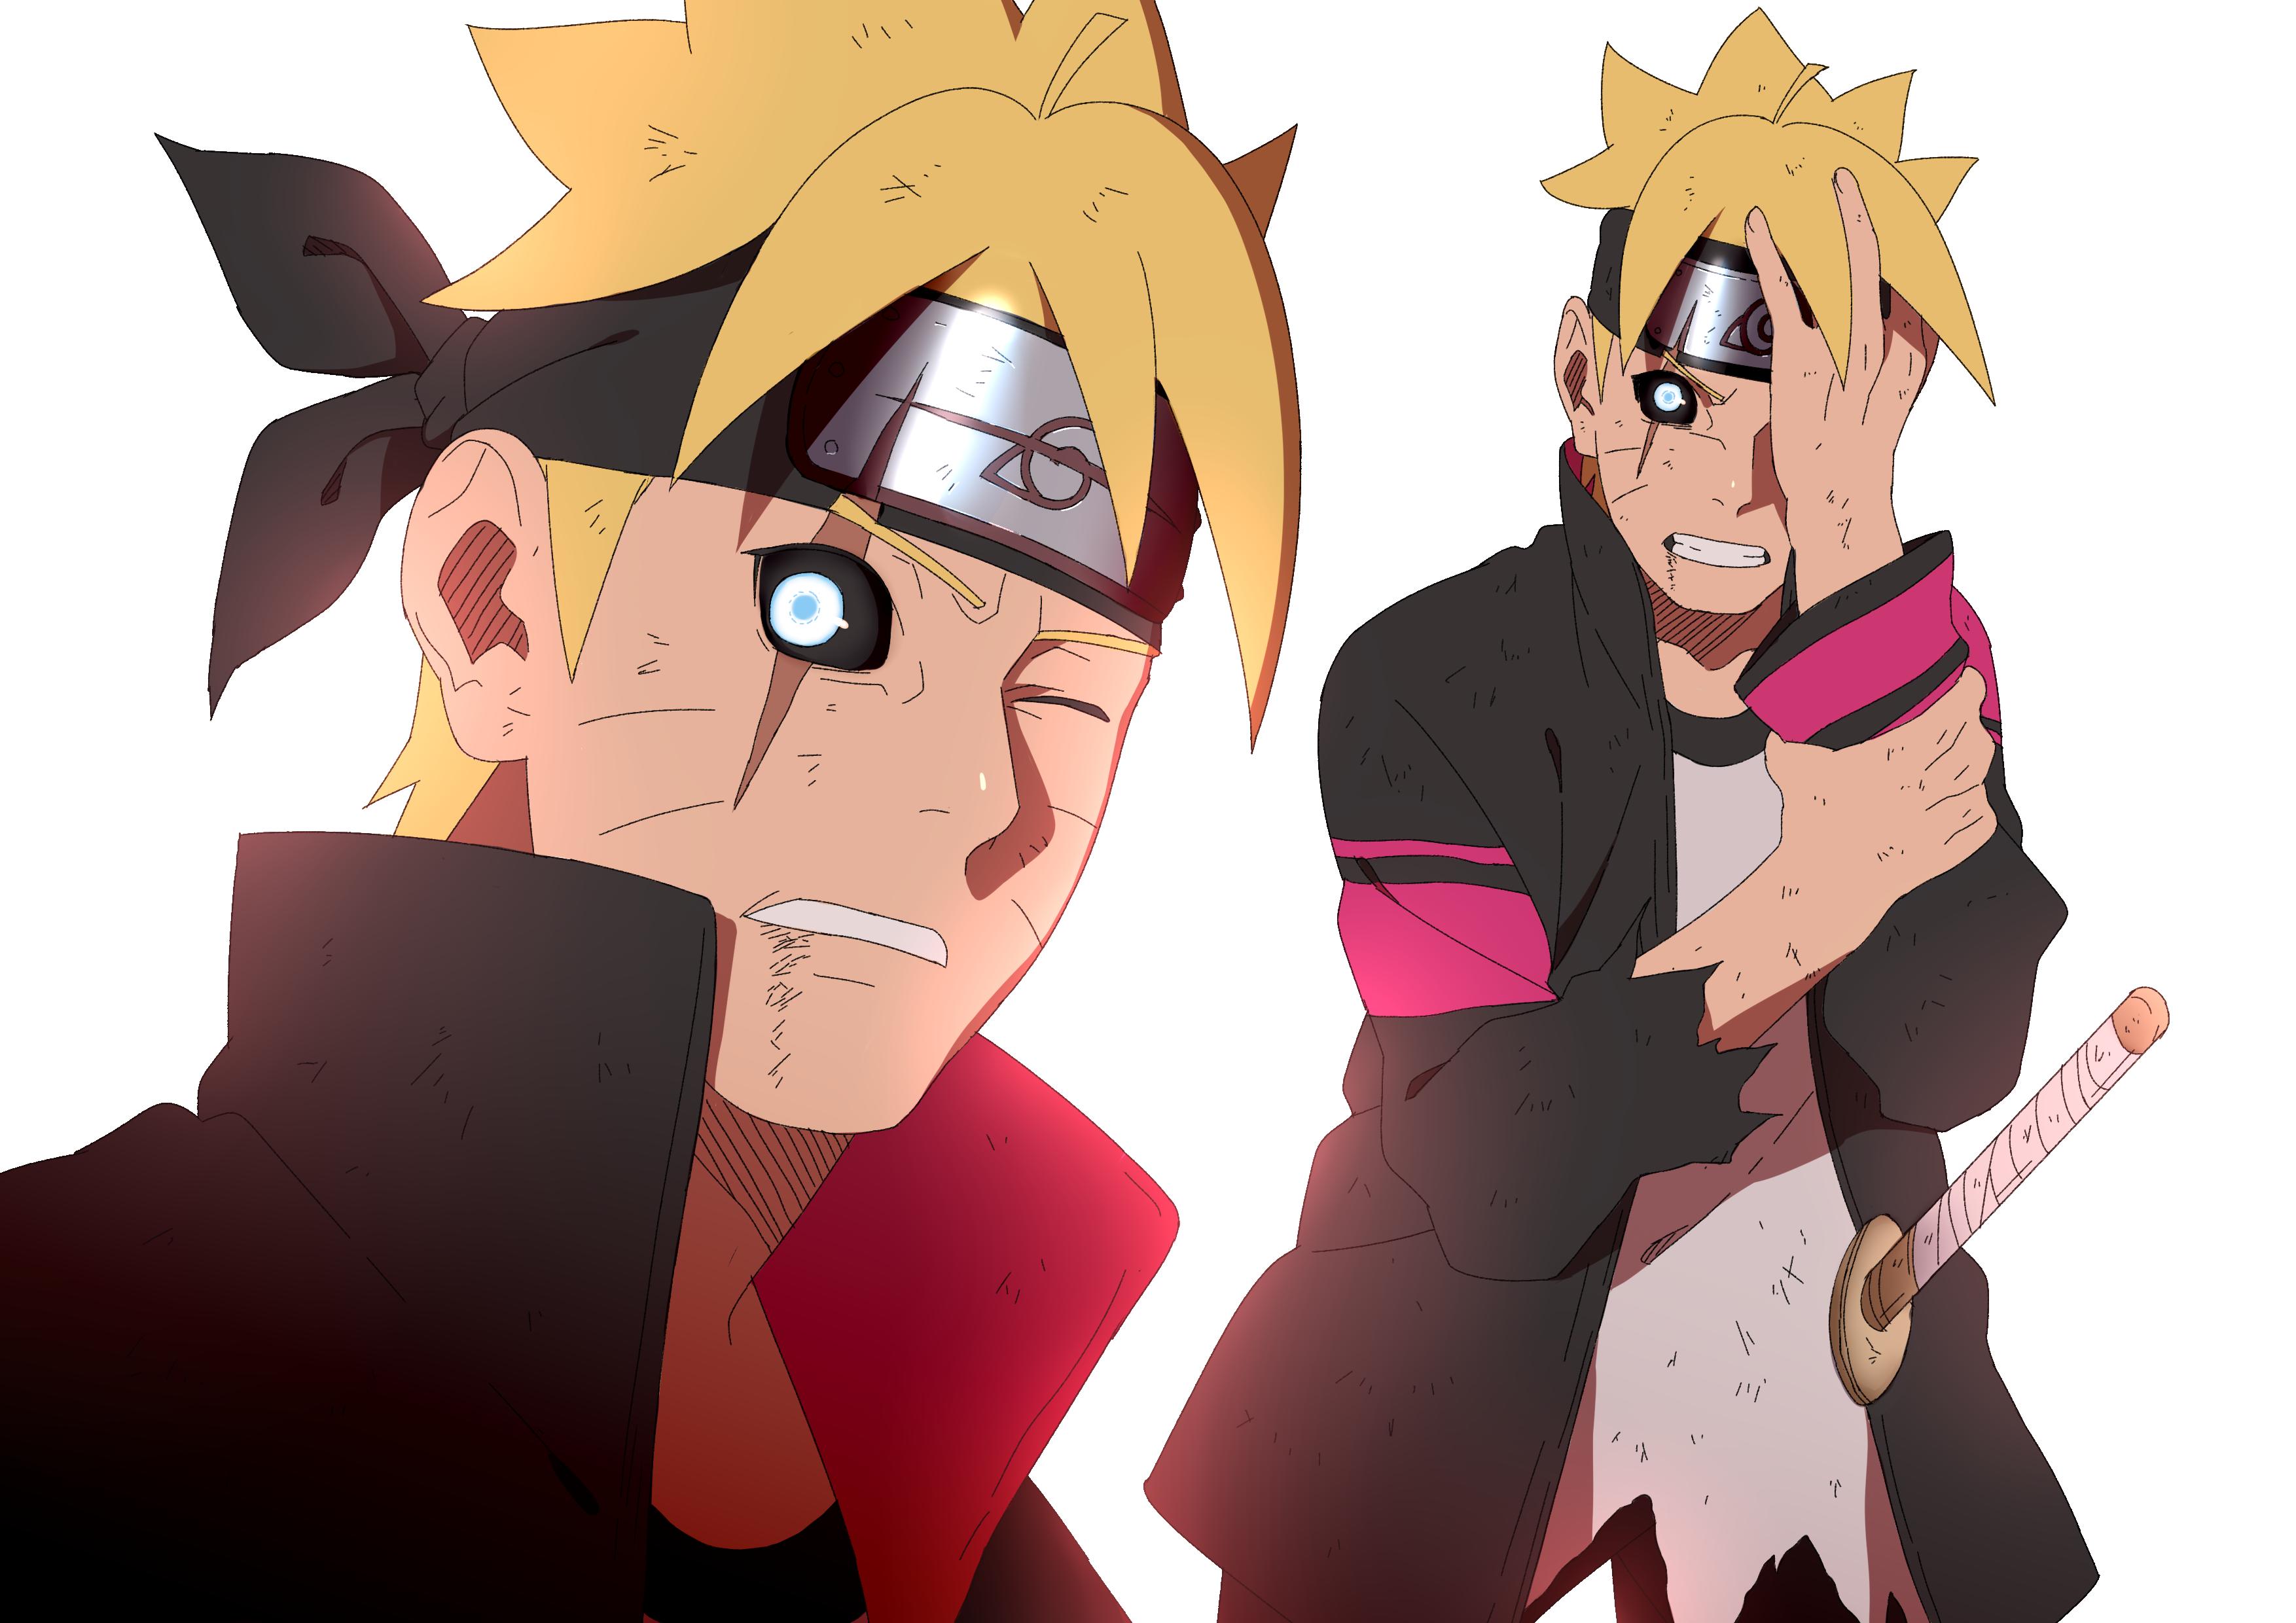 My Boruto Fanart Borutos Jougan Naruto Uzumaki Boruto Anime Naruto Shippuden Anime